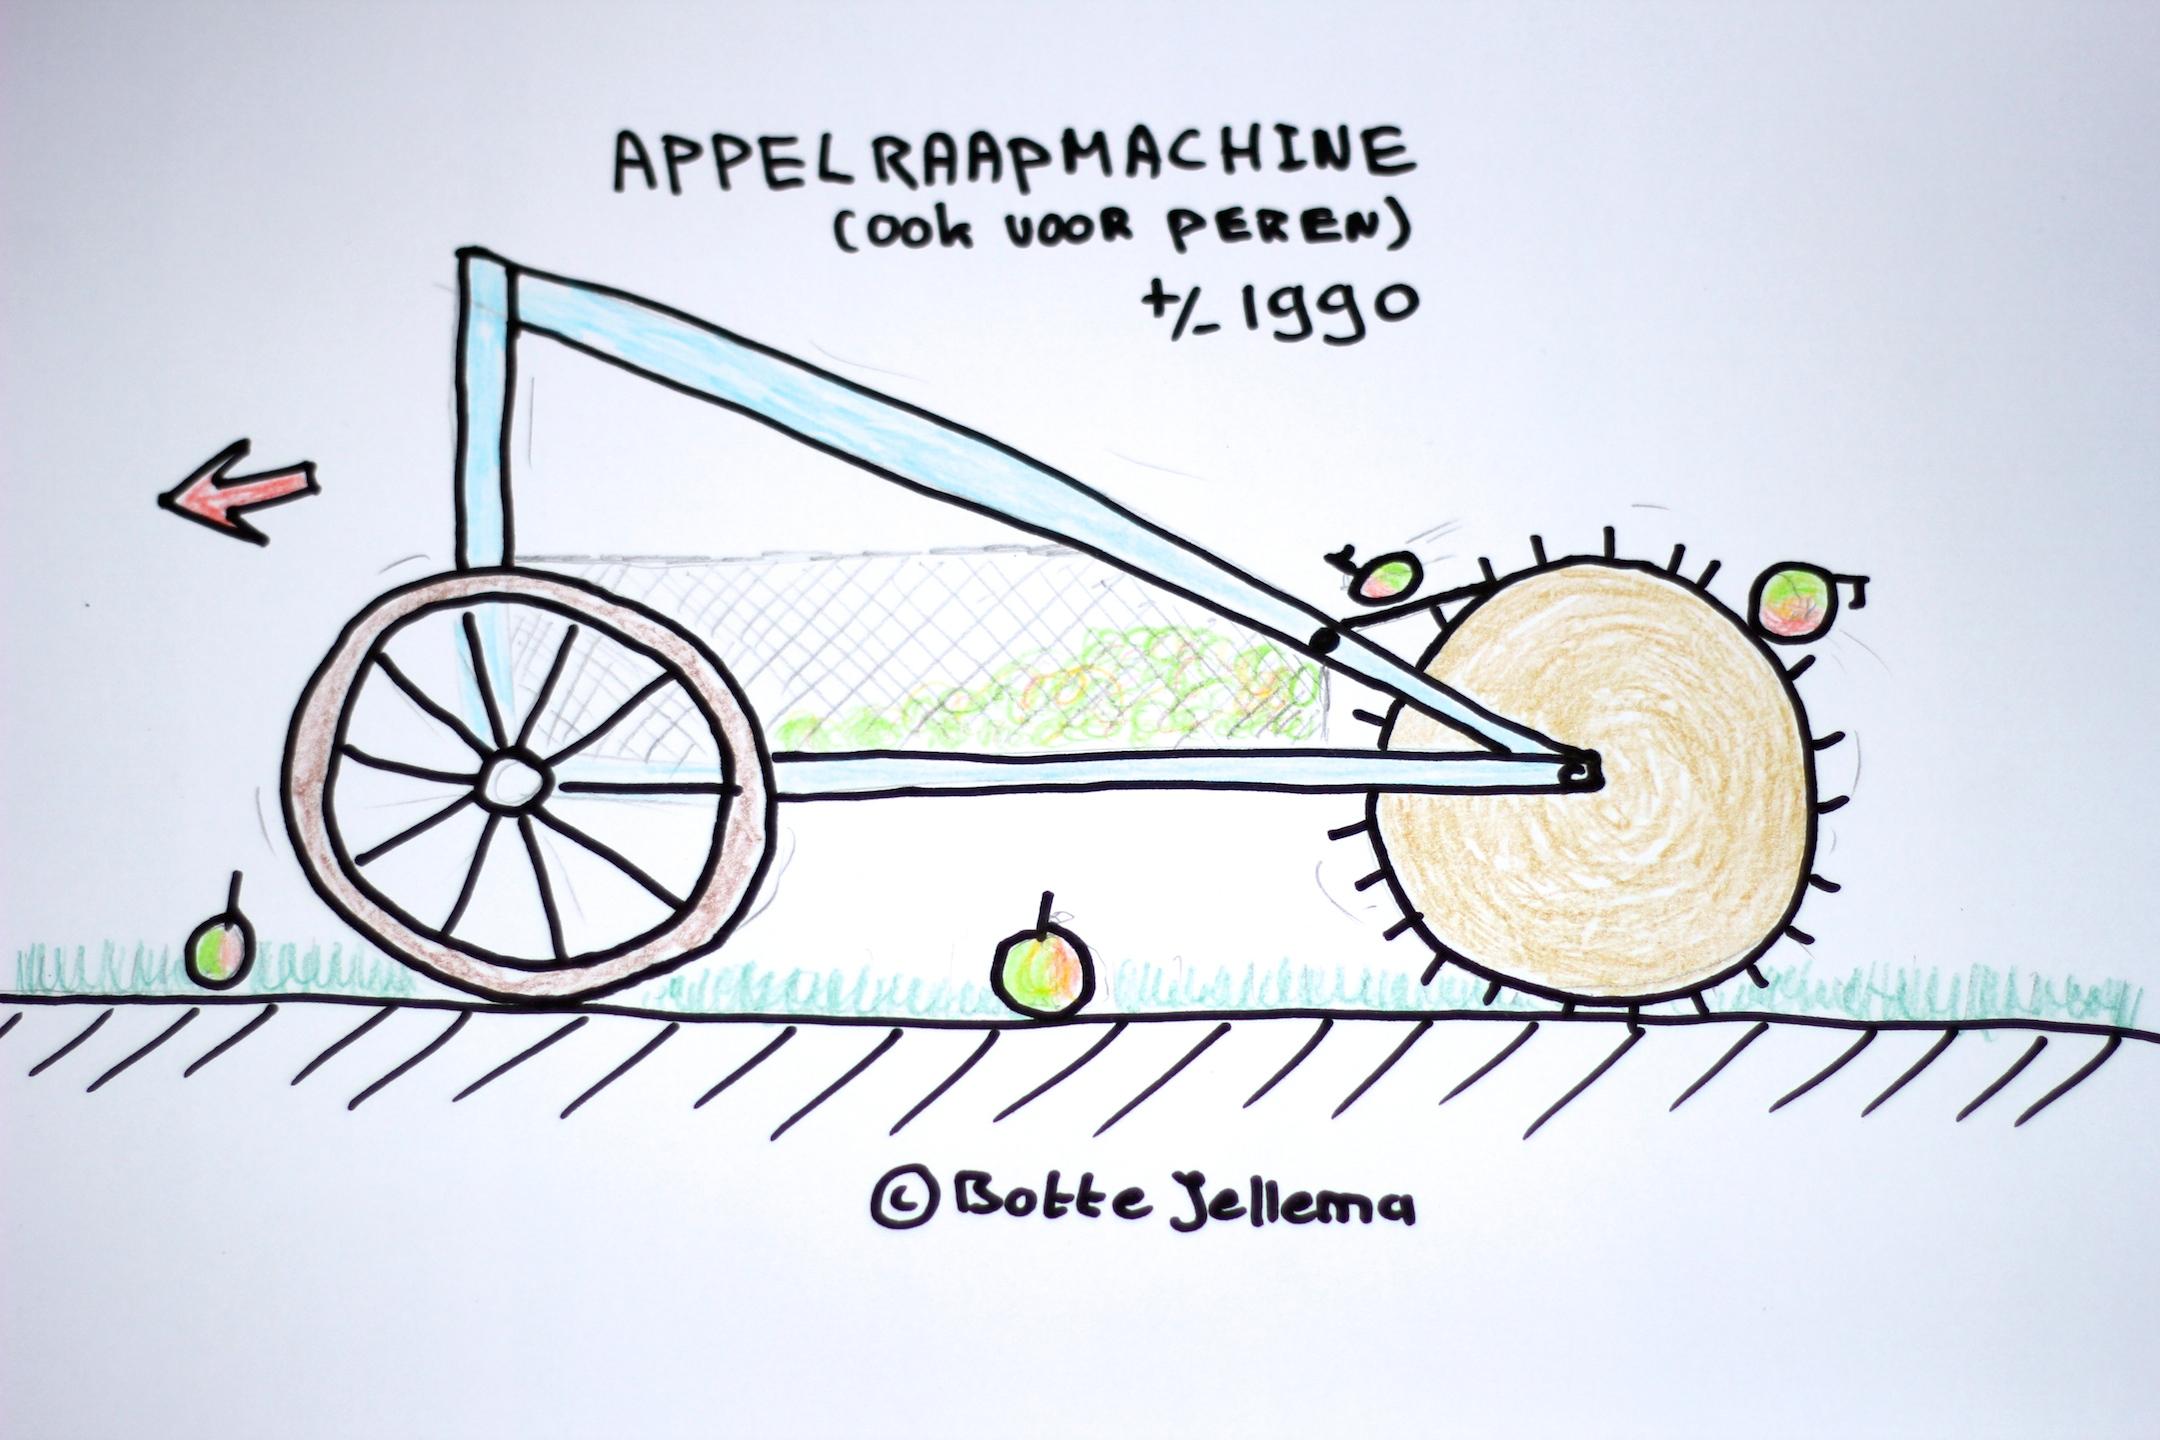 Appelraapmachine - uitgevonden door Botte Jellema in 1990 (c)